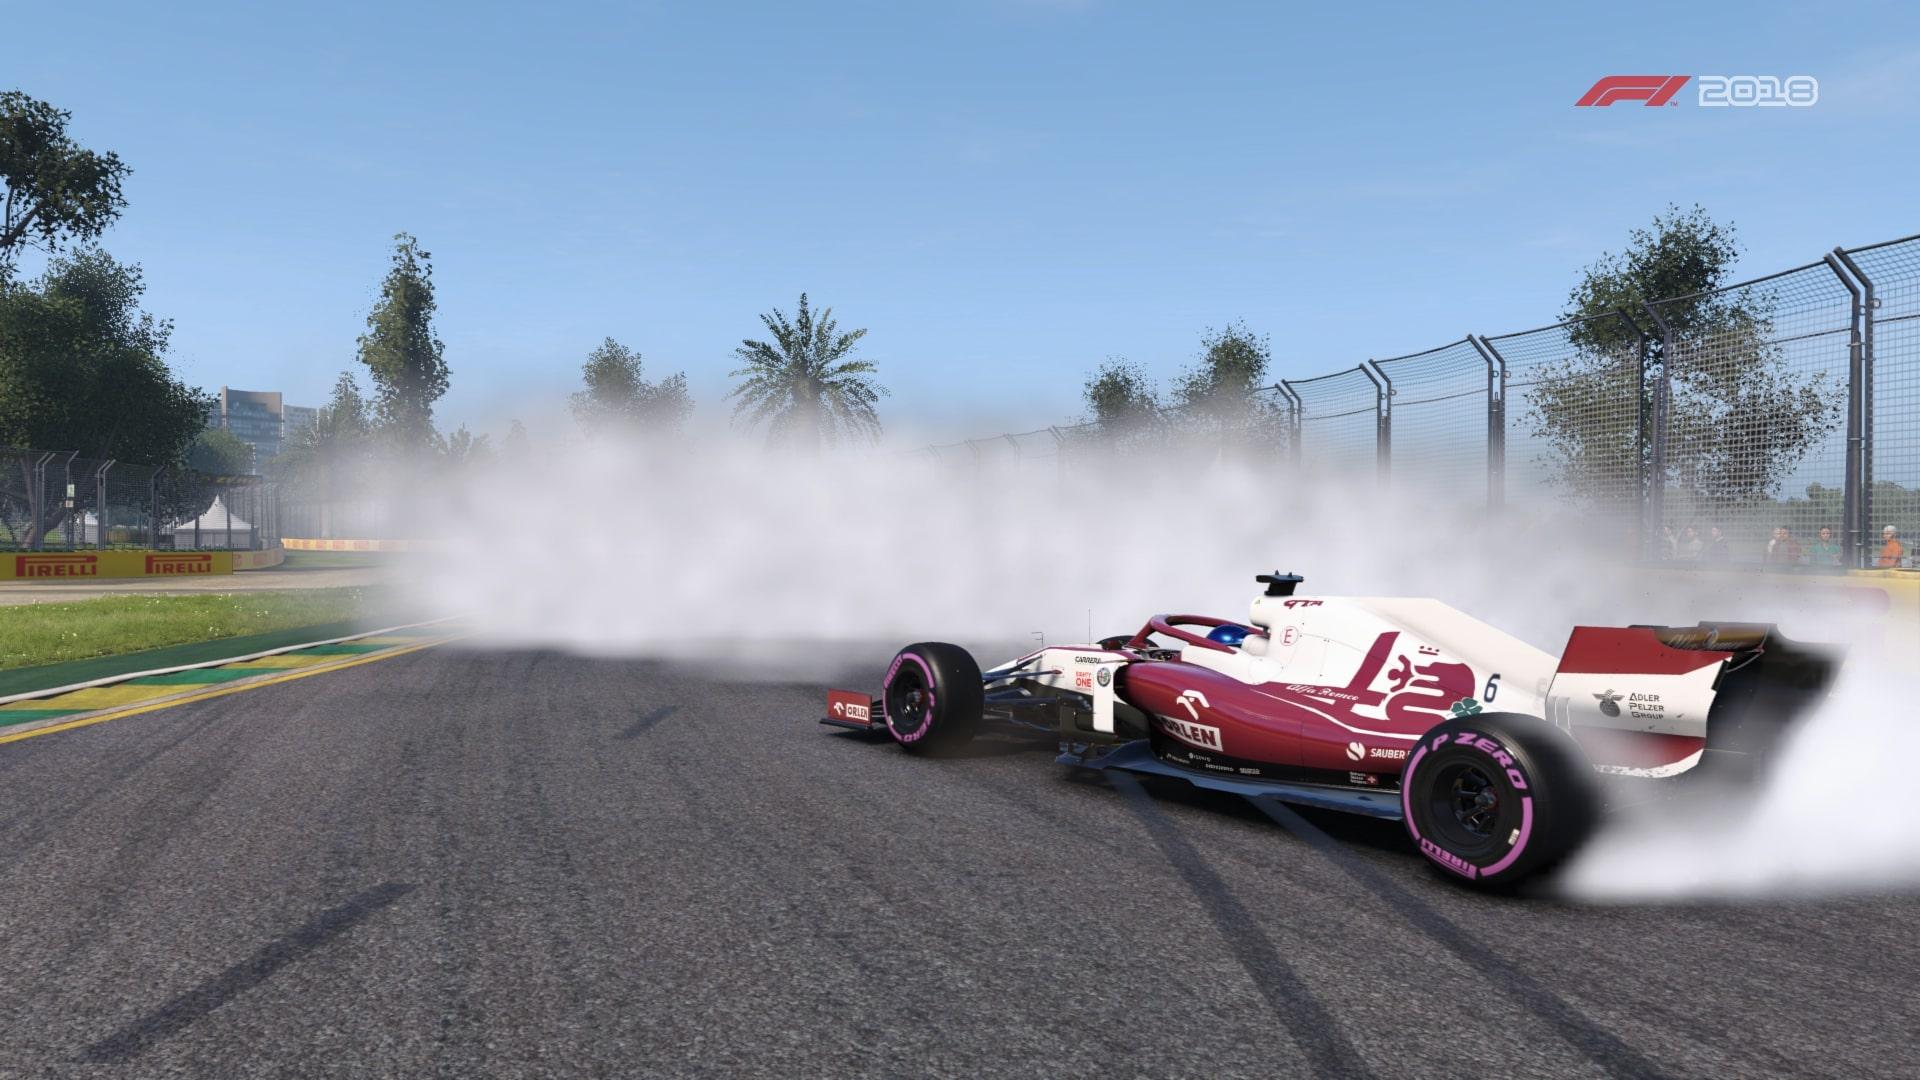 F1 2018 Screenshot 2021.04.22 - 17.12.31.34.jpg